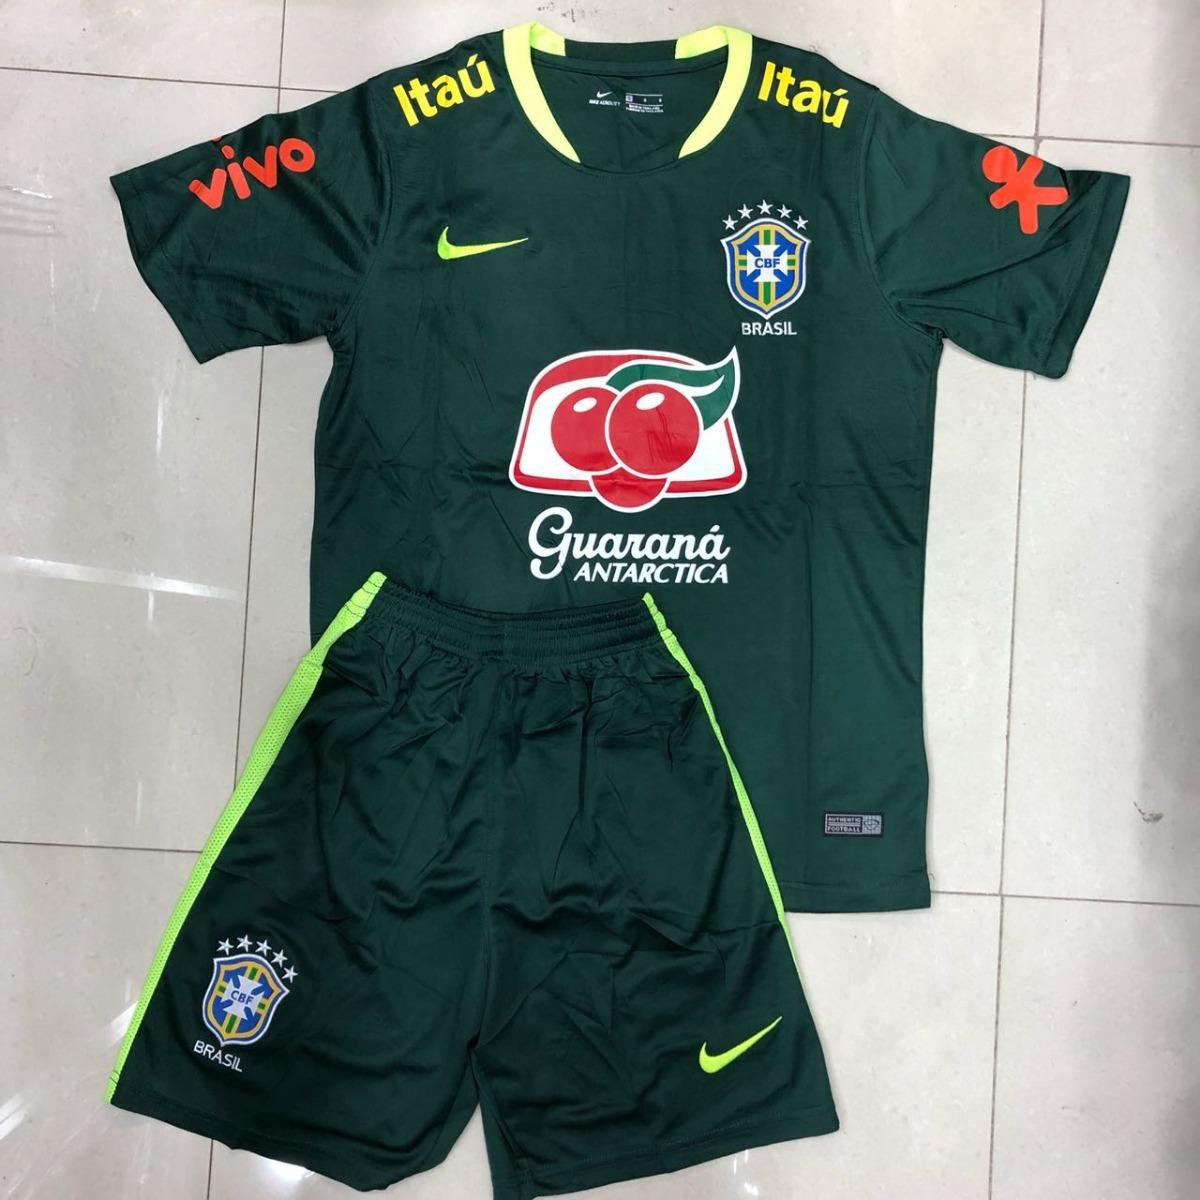 novo kit infantil seleção brasileira 2018 - oficial p entreg. Carregando  zoom. 9a8430e27b1e0